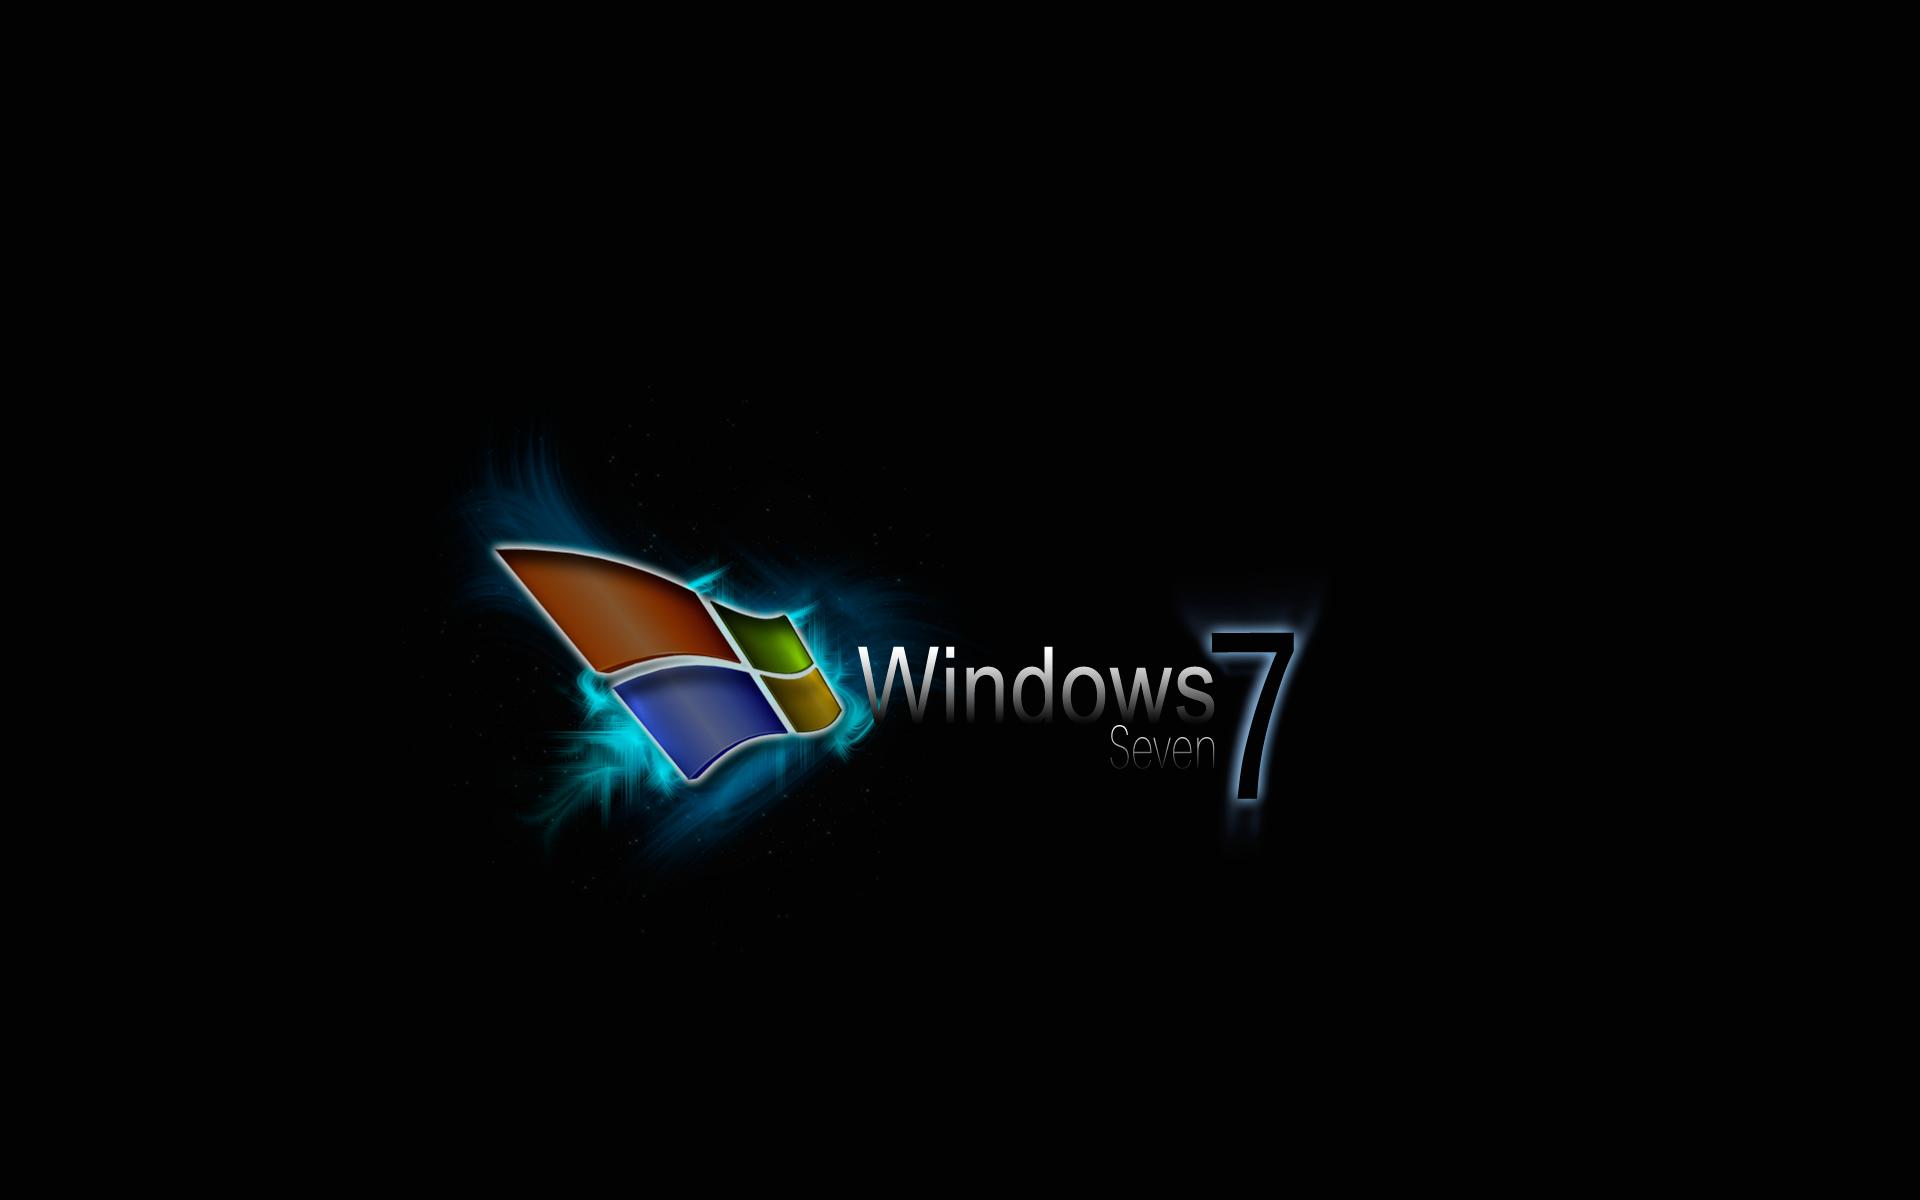 Sfondo Desktop Hd Windows 7 Black Sfondi Hd Gratis